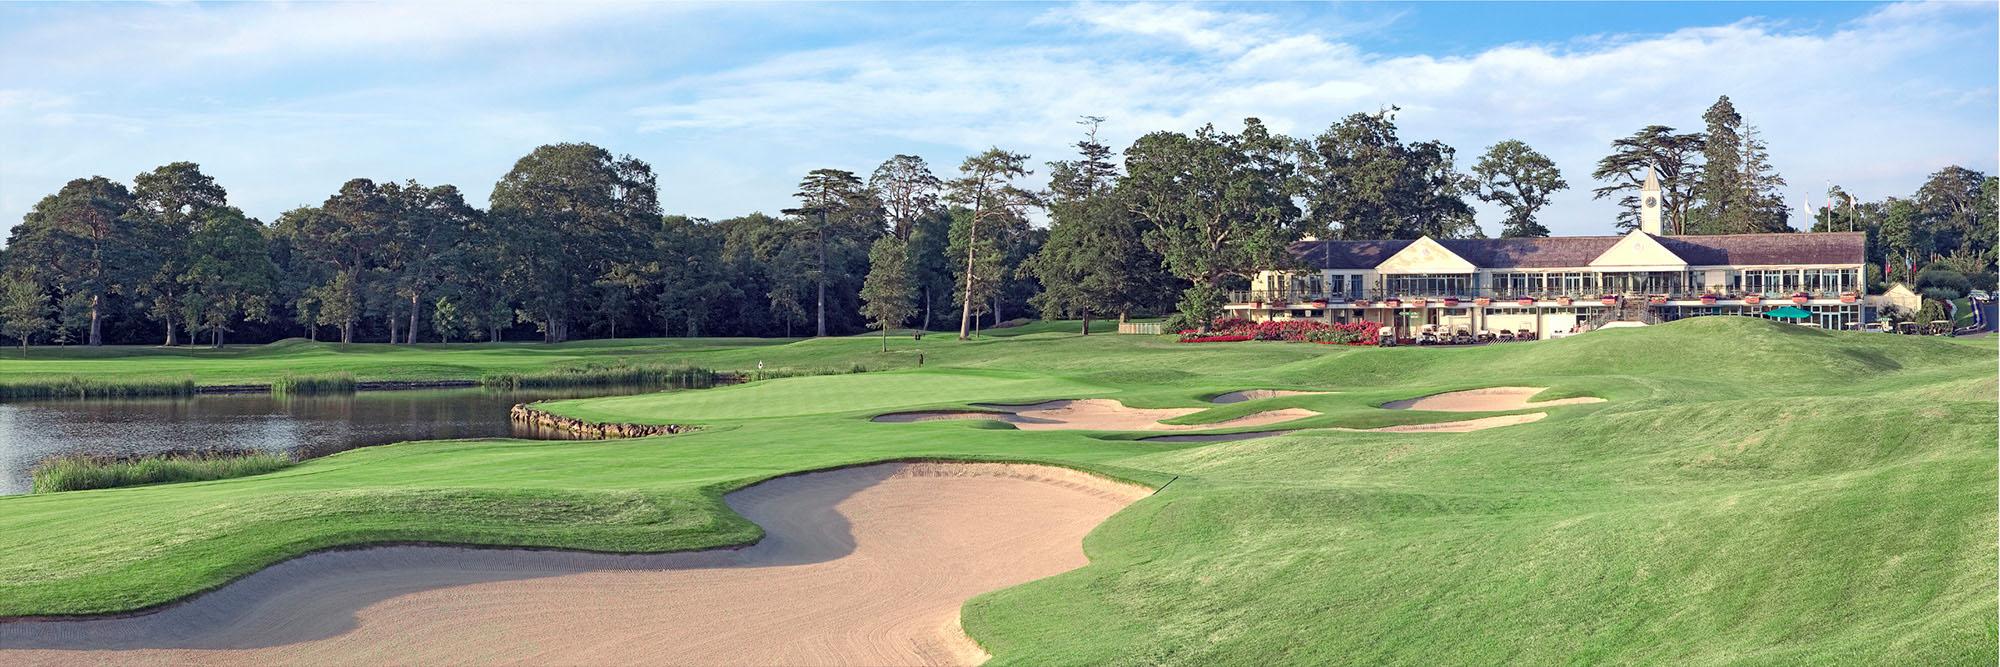 Golf Course Image - K Club No. 18